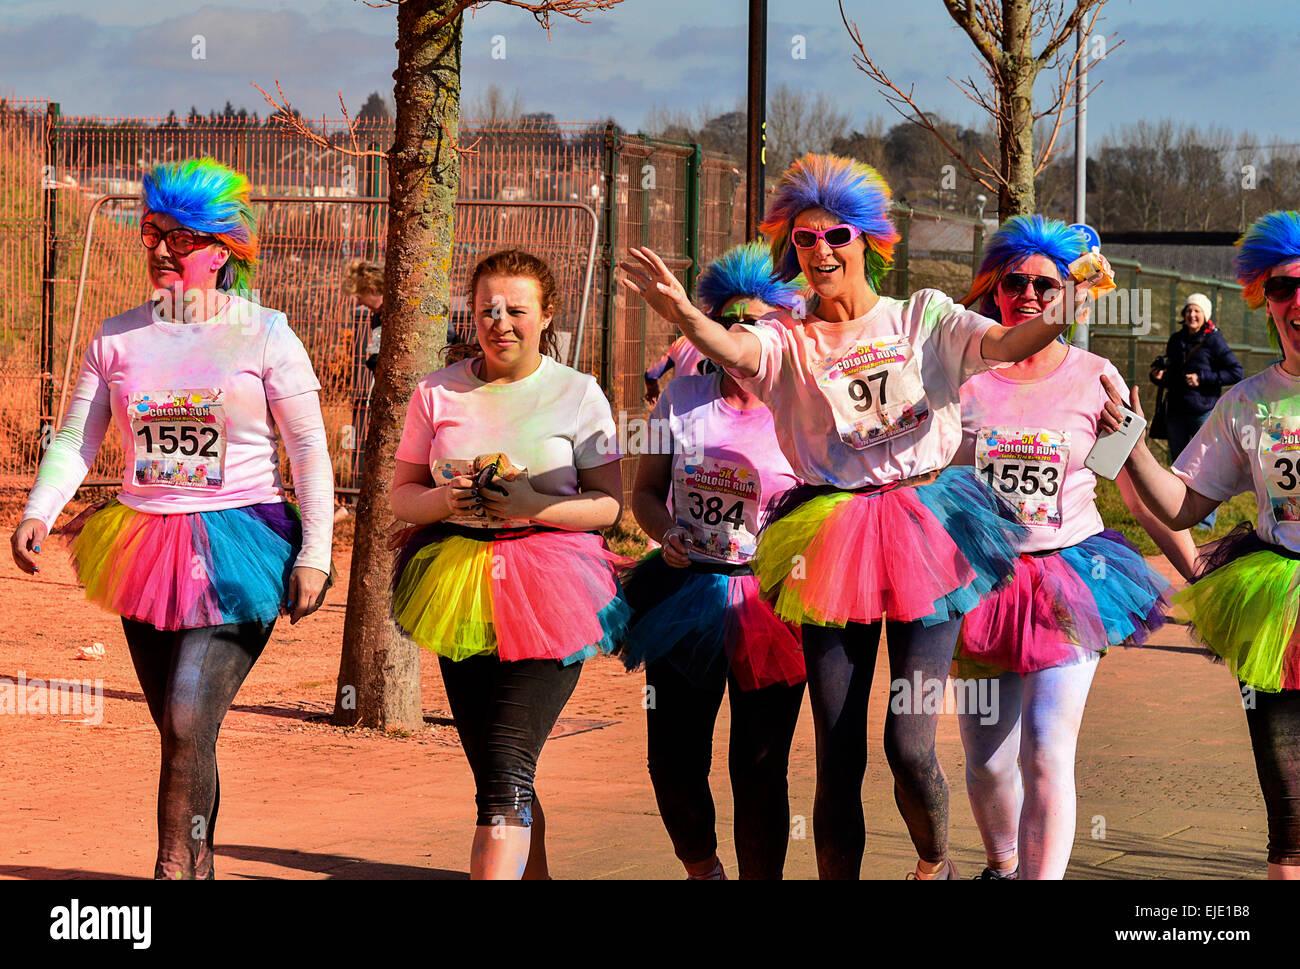 Les femmes en costumes colorés et perruques participer dans la charité fun run à Londonderry, Derry, Photo Stock